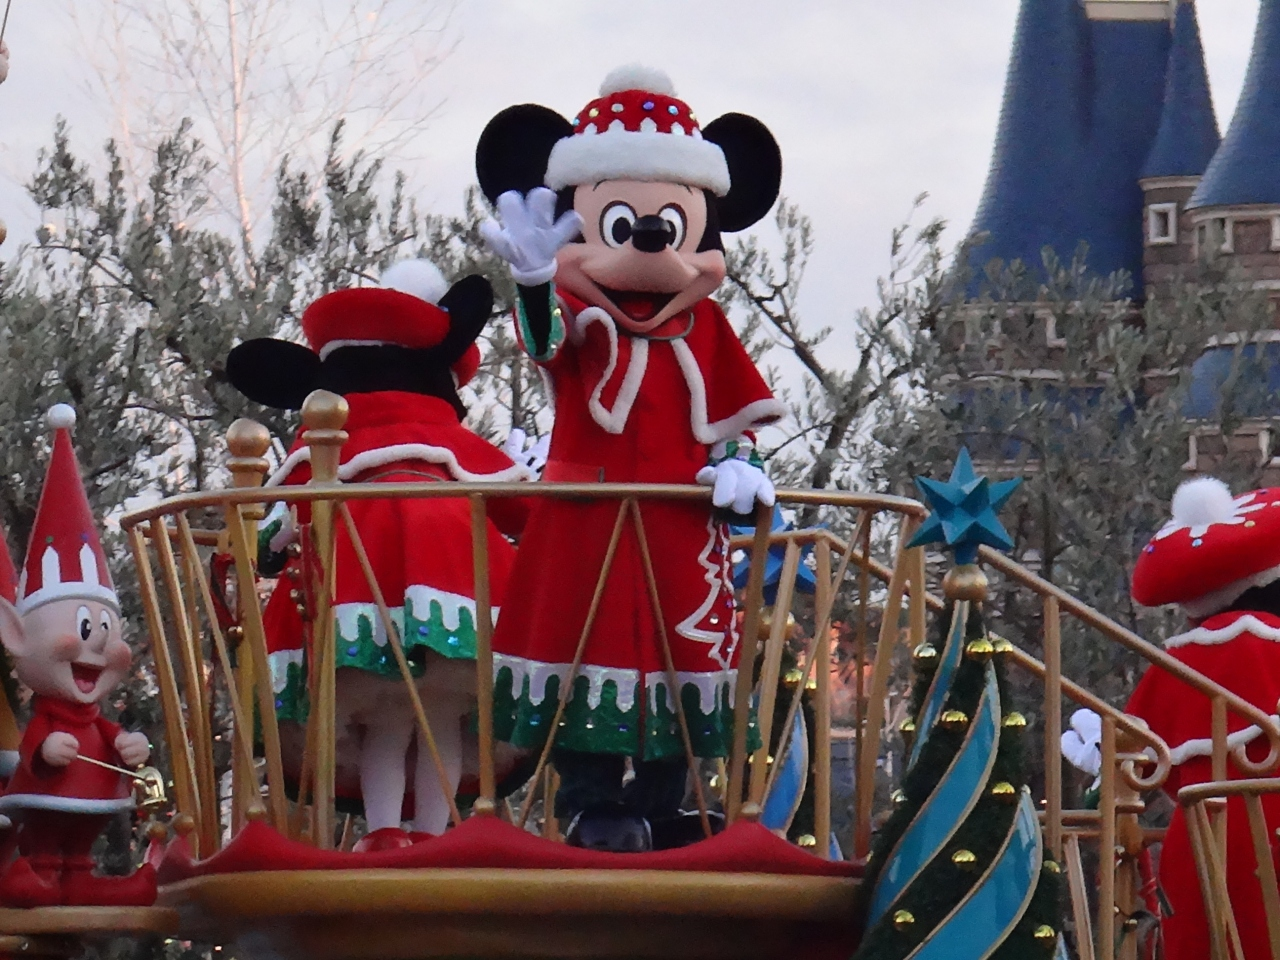 東京ディズニーランドのクリスマス パレード、限定グッズ、スペシャル